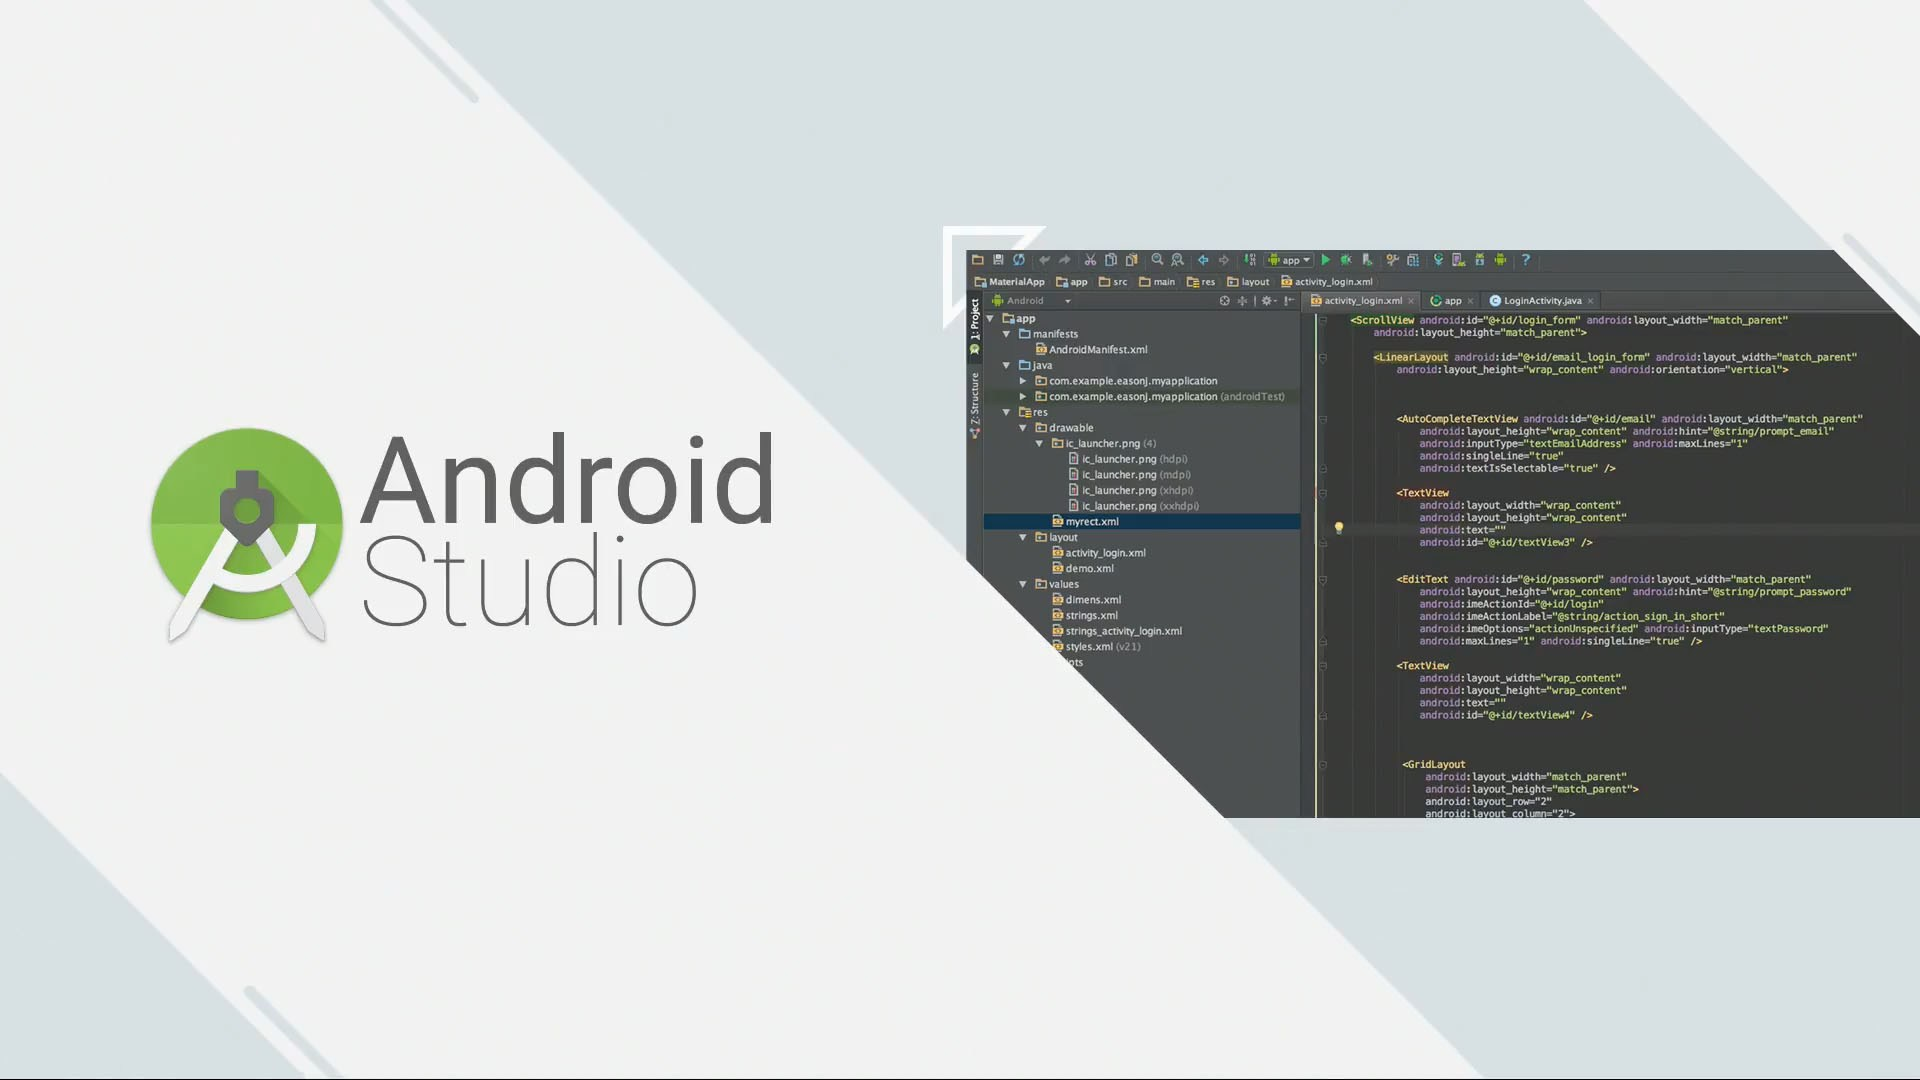 Android Studio 2.2 : Layout Editor et amélioration d'Instant Run au programme